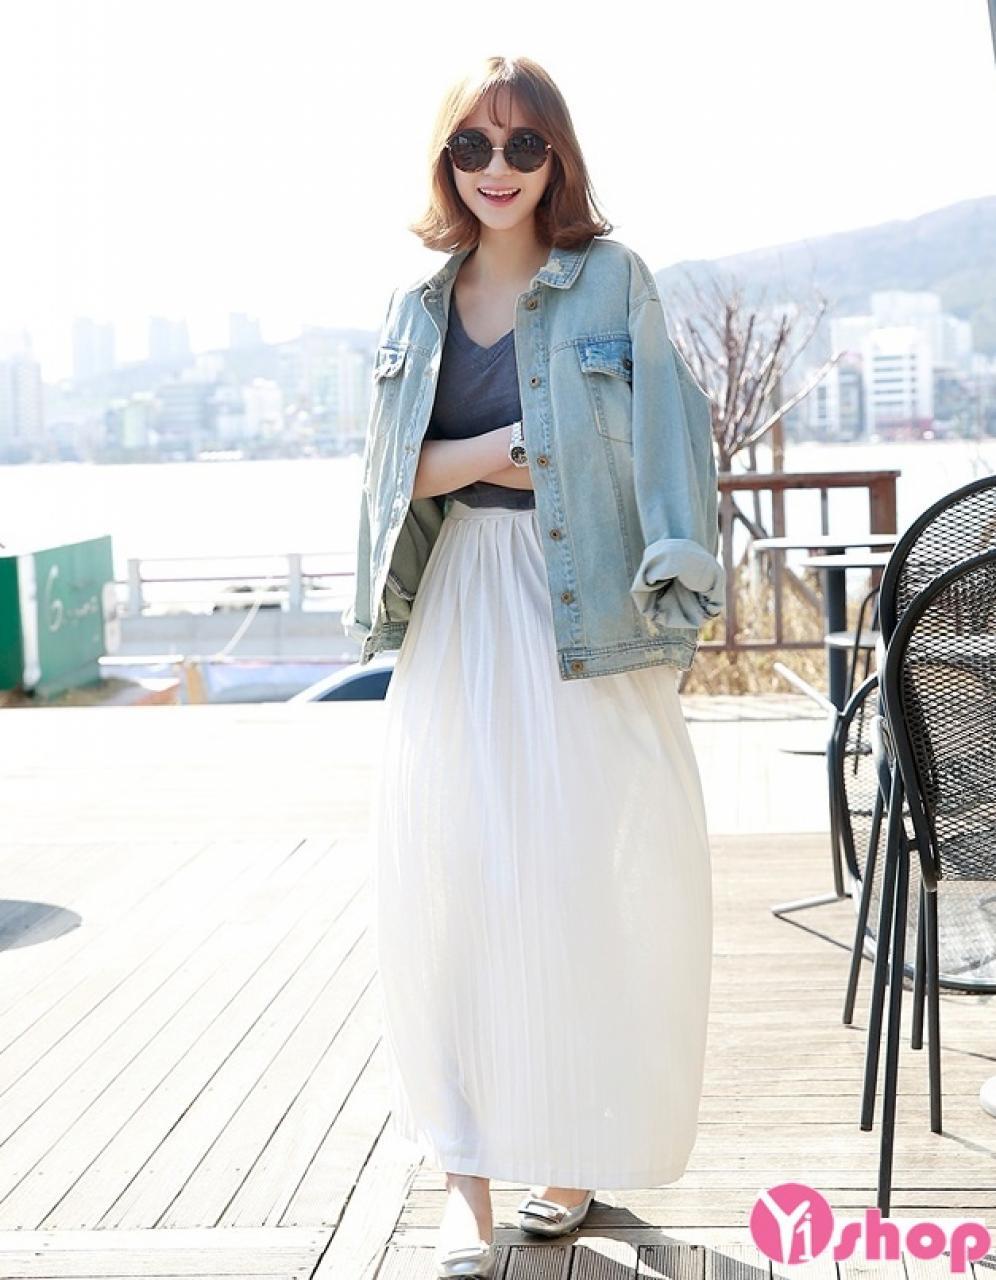 Áo khoác denim nữ đẹp thu đông 2019 xu hướng thời trang ngày lạnh